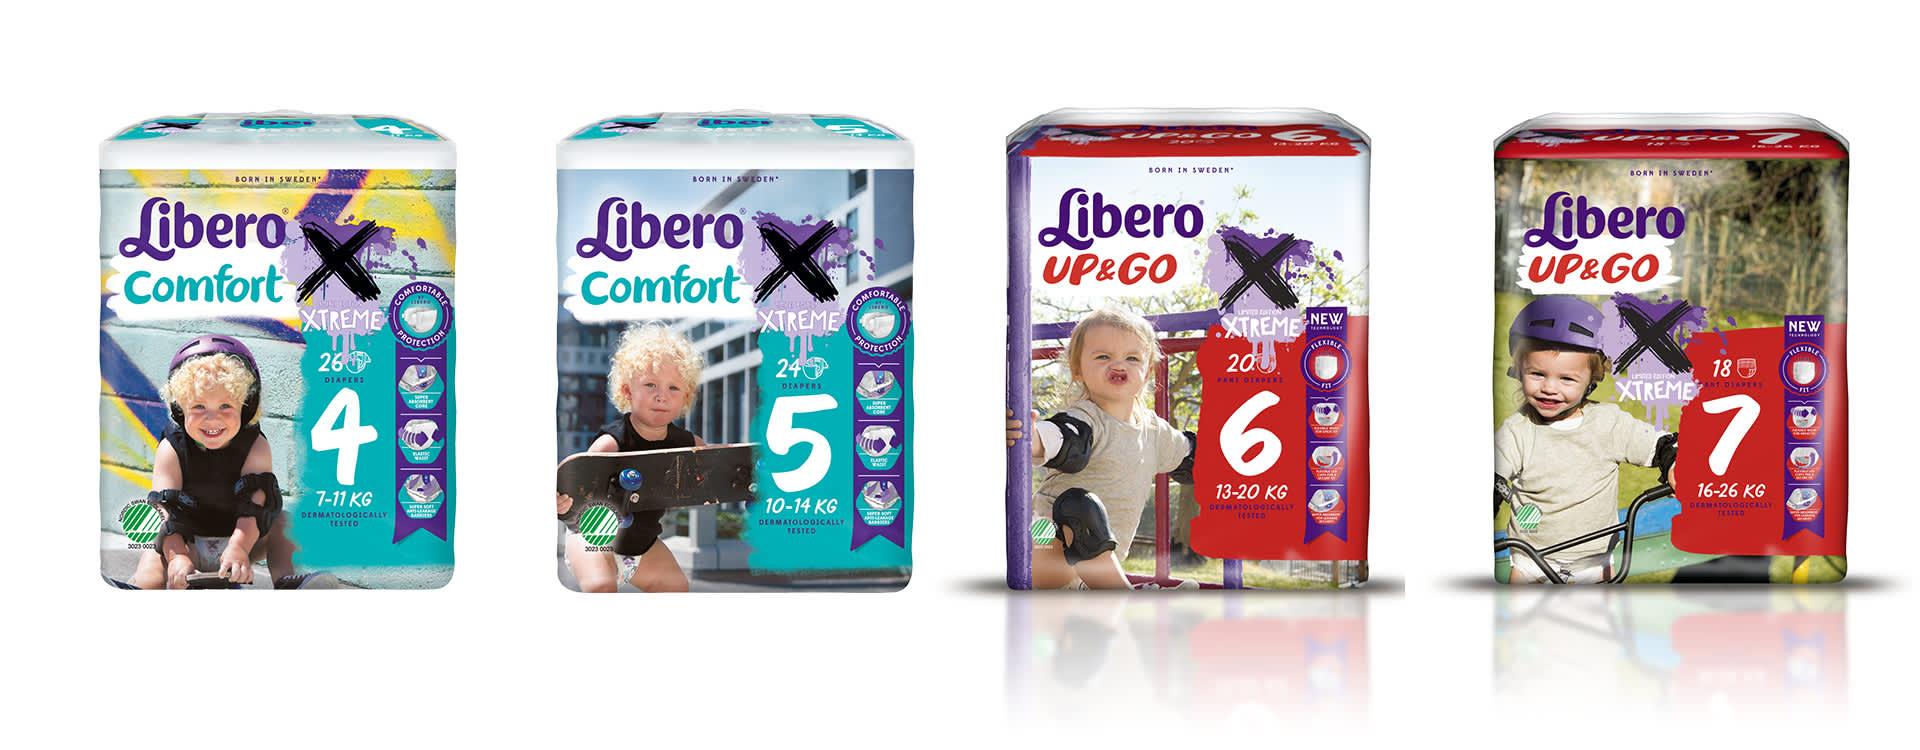 Libero Extreme limited edition er tilgjengelig i alle KIWI-butikker denne sommeren.